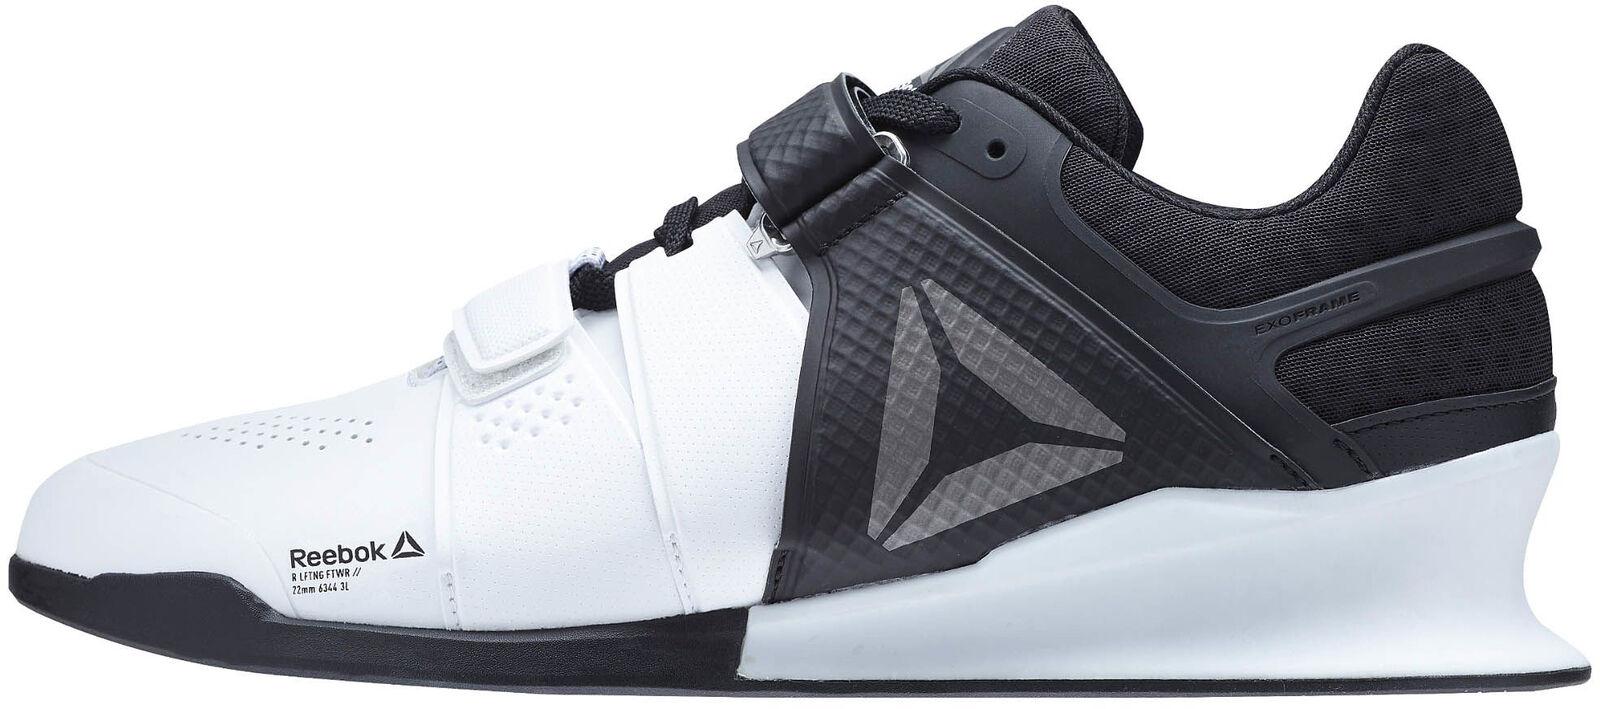 Reebok Para Hombre Zapatos de Halterofilia levantador herojoados botas culturismo gimnasio Crossfit